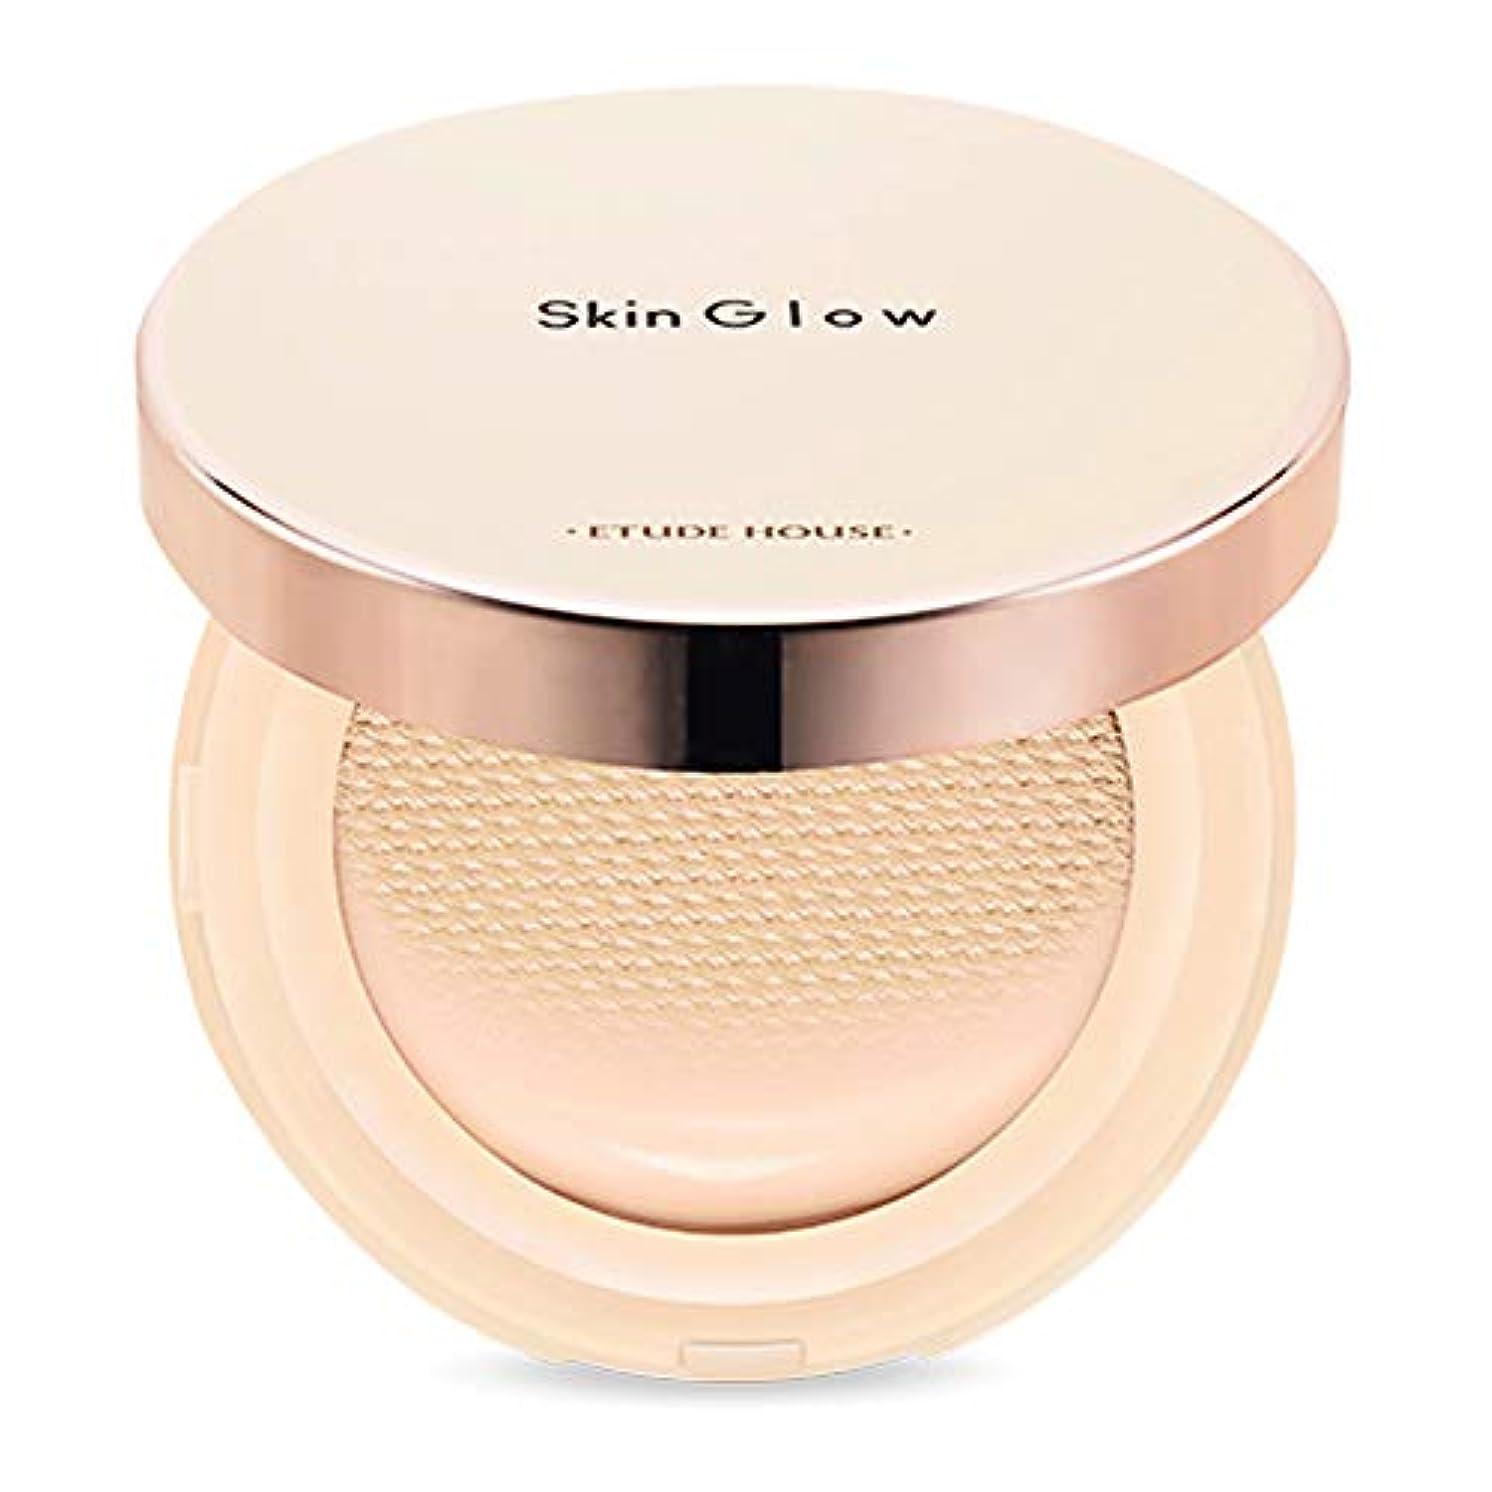 ノベルティポジションパイルEtude House Skin Glow Essence Cushion SPF50+/PA++++ エチュードハウス スキン グロー エッセンス クッション (# N03 Neutral Vanilla) [並行輸入品]